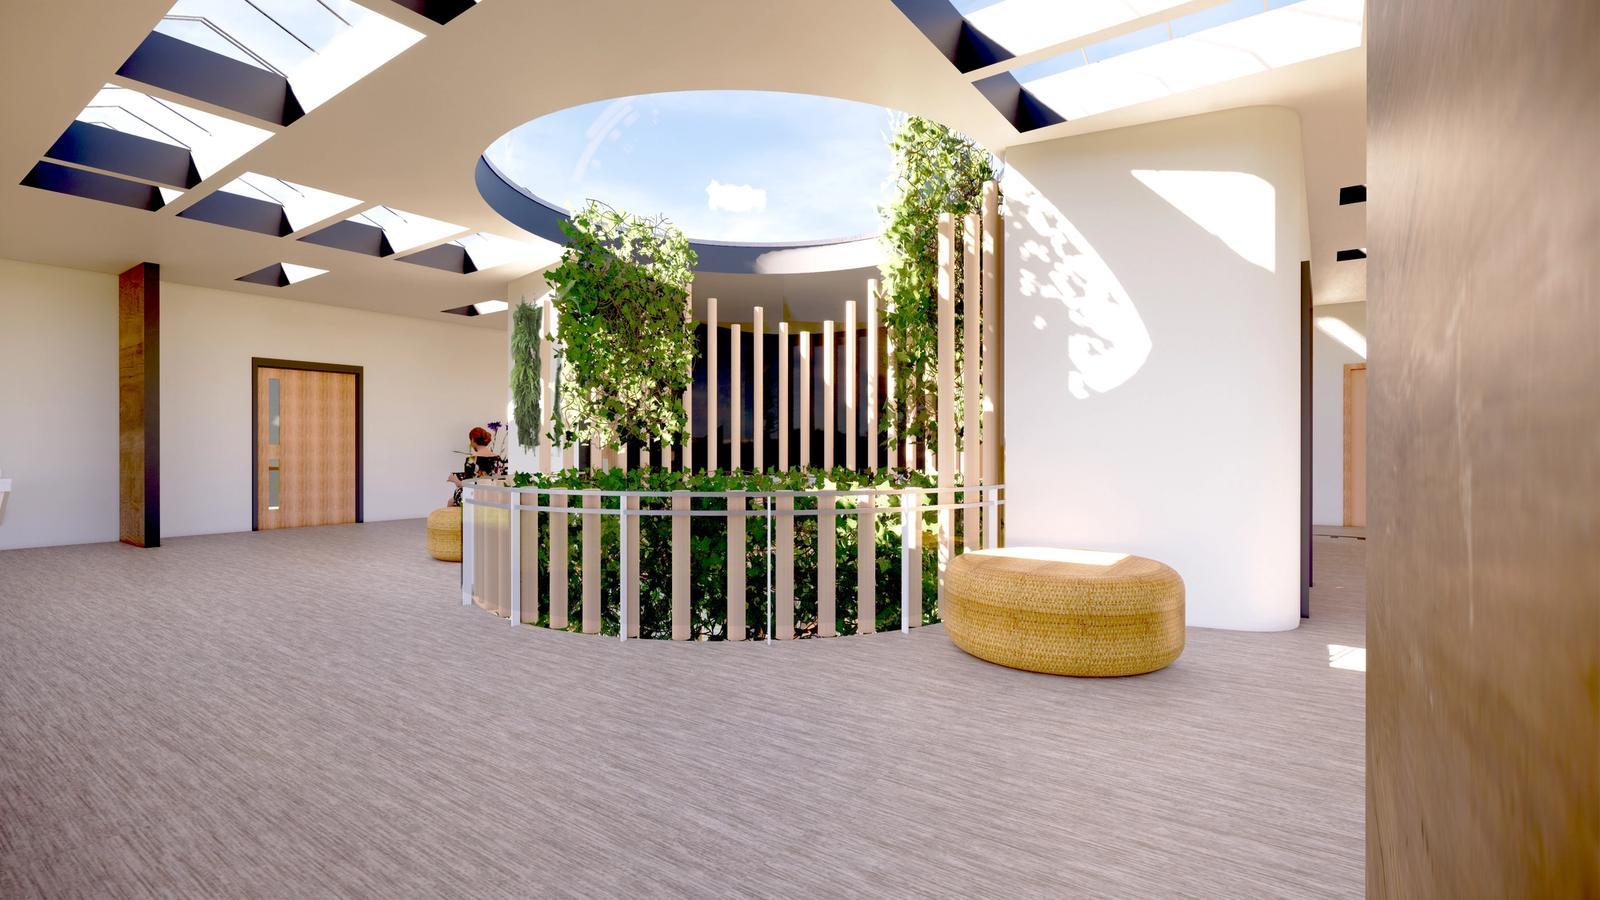 The Hope Community Center Atrium